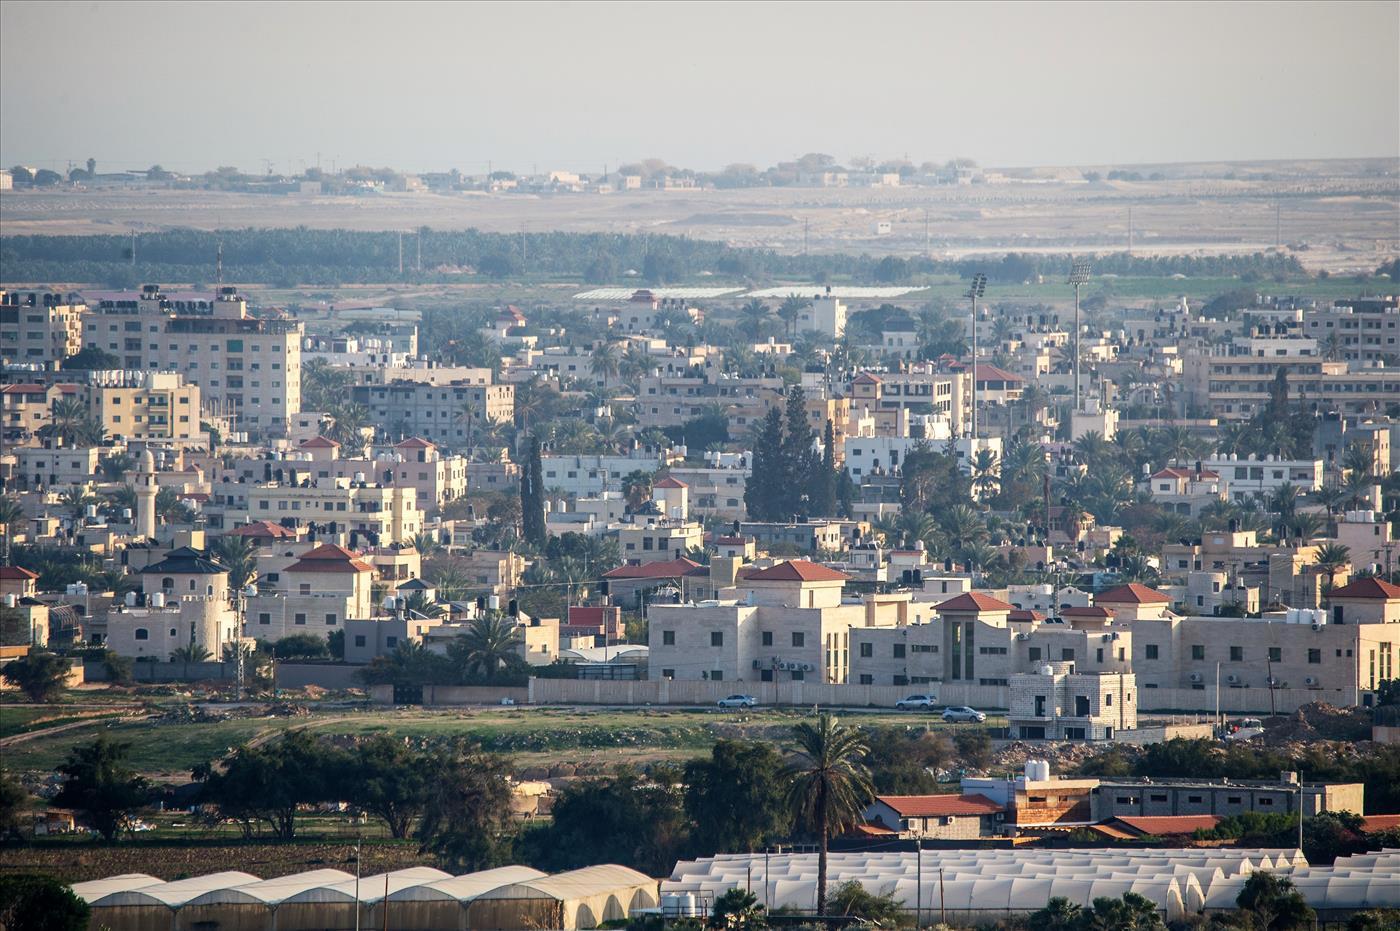 המאבק על בקעת הירדן; אבו מאזן הכריז על הקמת עיר חדשה